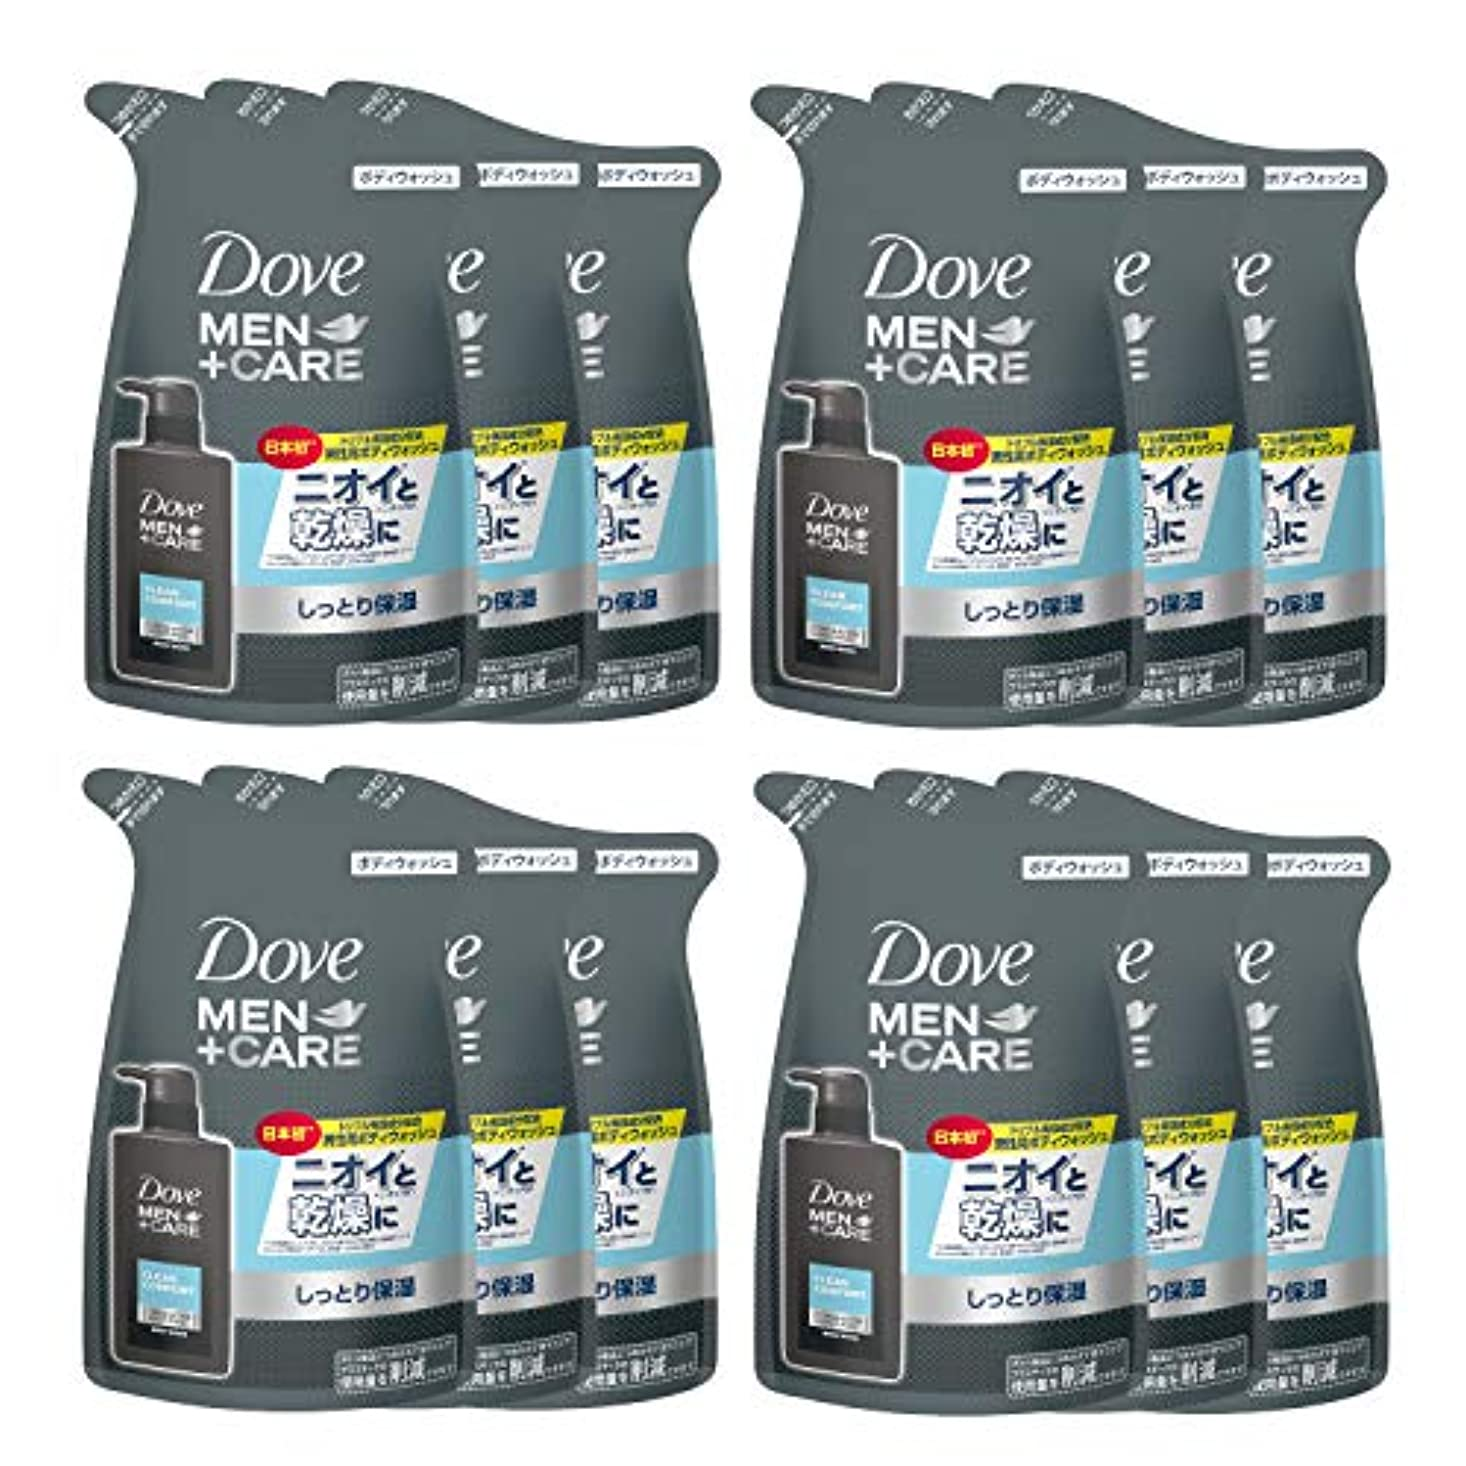 ドラッグタッチ生産的Dove(ダヴ) 【ケース販売】 ダヴメン+ケア ボディウォッシュ クリーンコンフォート つめかえ用 ボディソープ シトラスフローラル 320g×12個